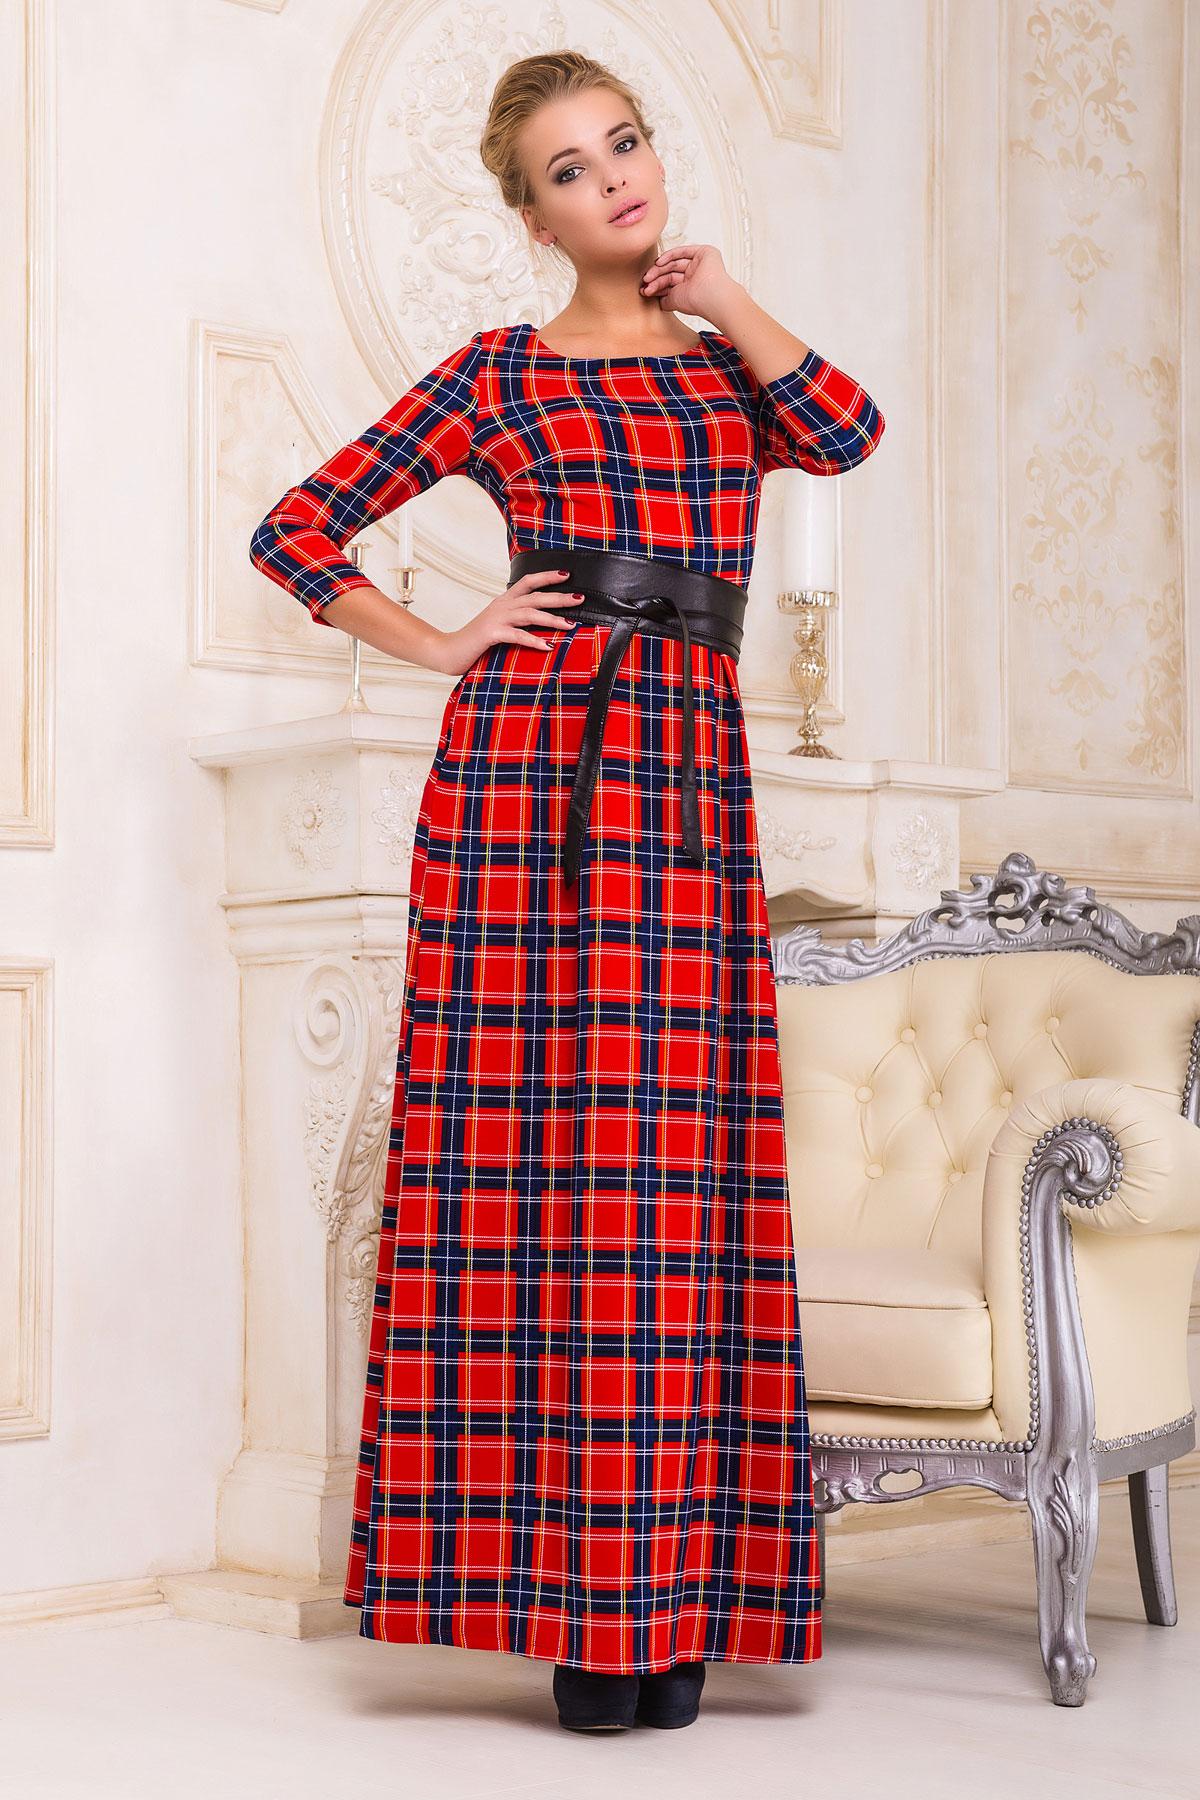 Сбор заказов. Одежда от ТМ Глеm. Офисные красивые блузки, платья, пиджаки, пальто. Распродажа от 150 руб., блузки от 300 руб., платья от 500 руб. Выкуп - 19